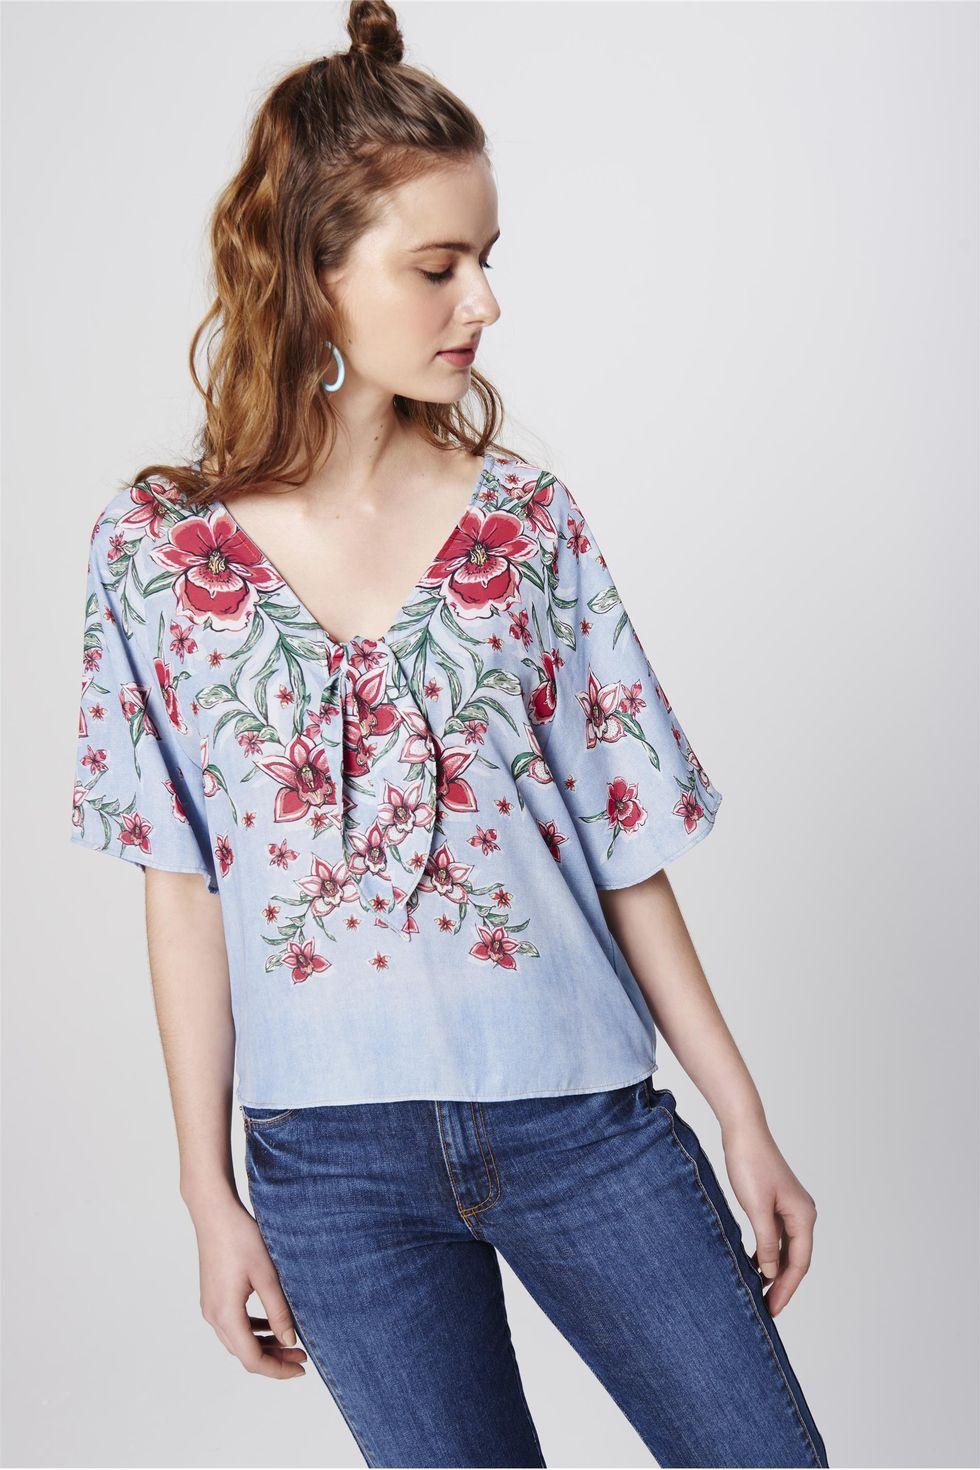 Blusa-Jeans-Feminina-com-Estampa-Floral-Frente--